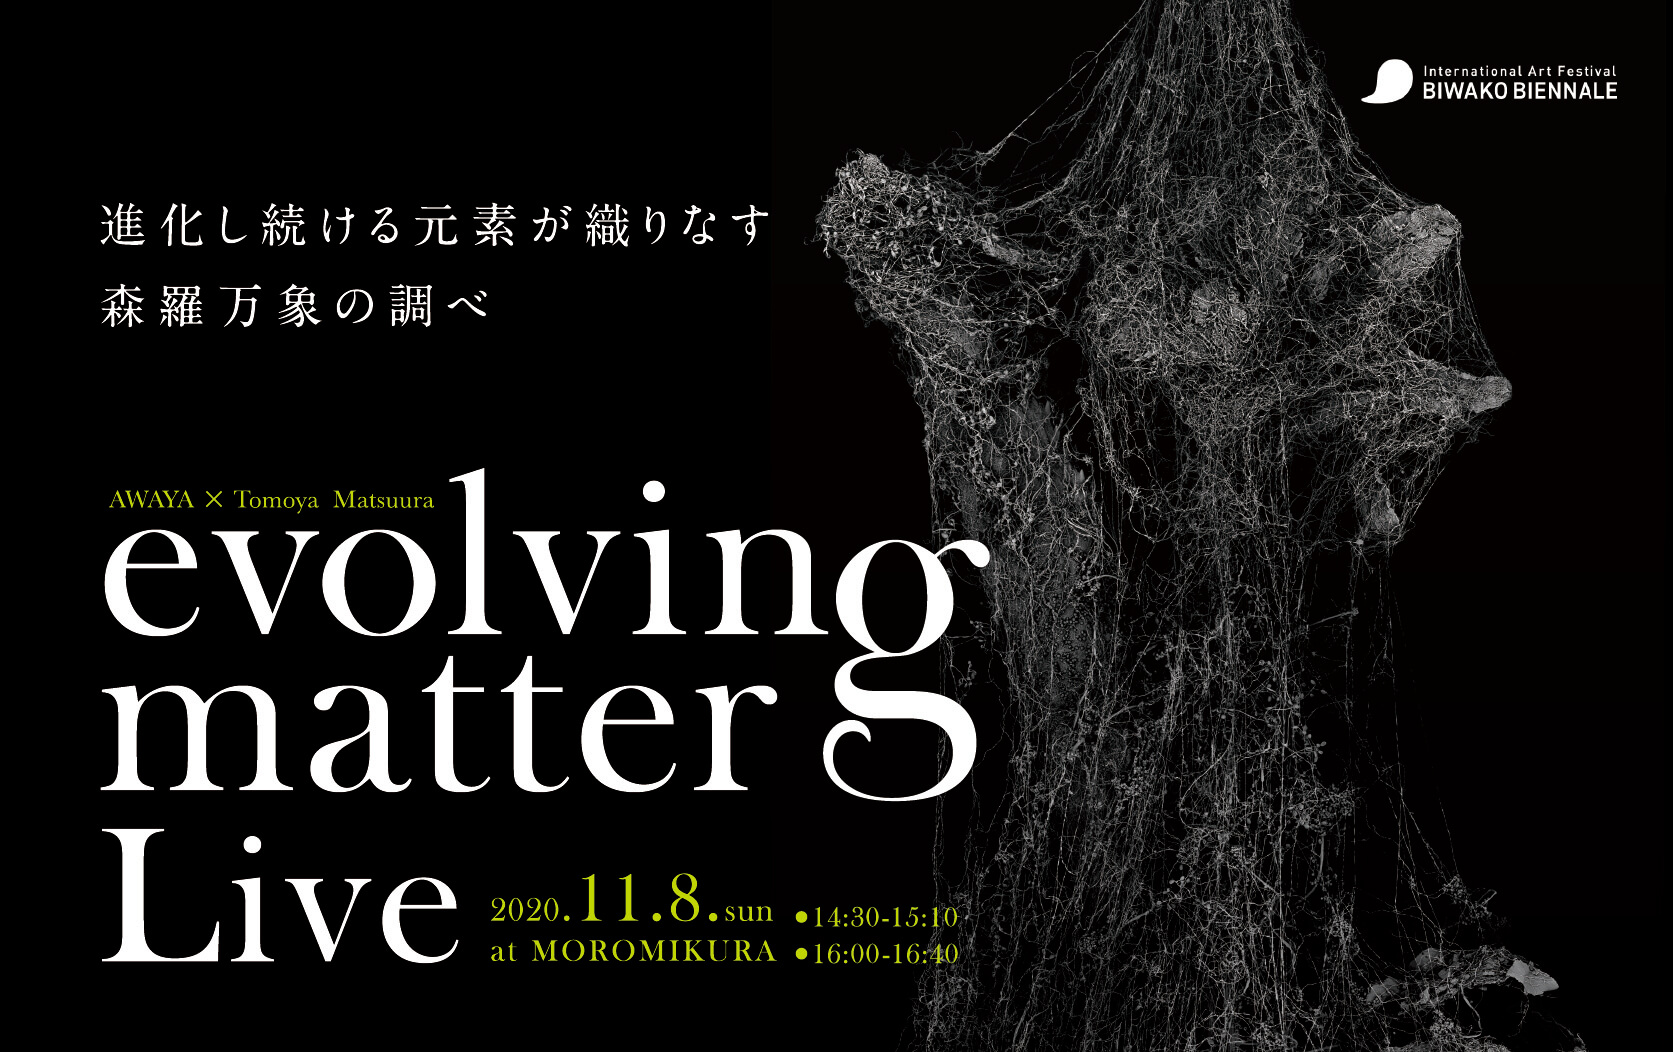 11月8日(日)開催《コンサート》evolving matter Live